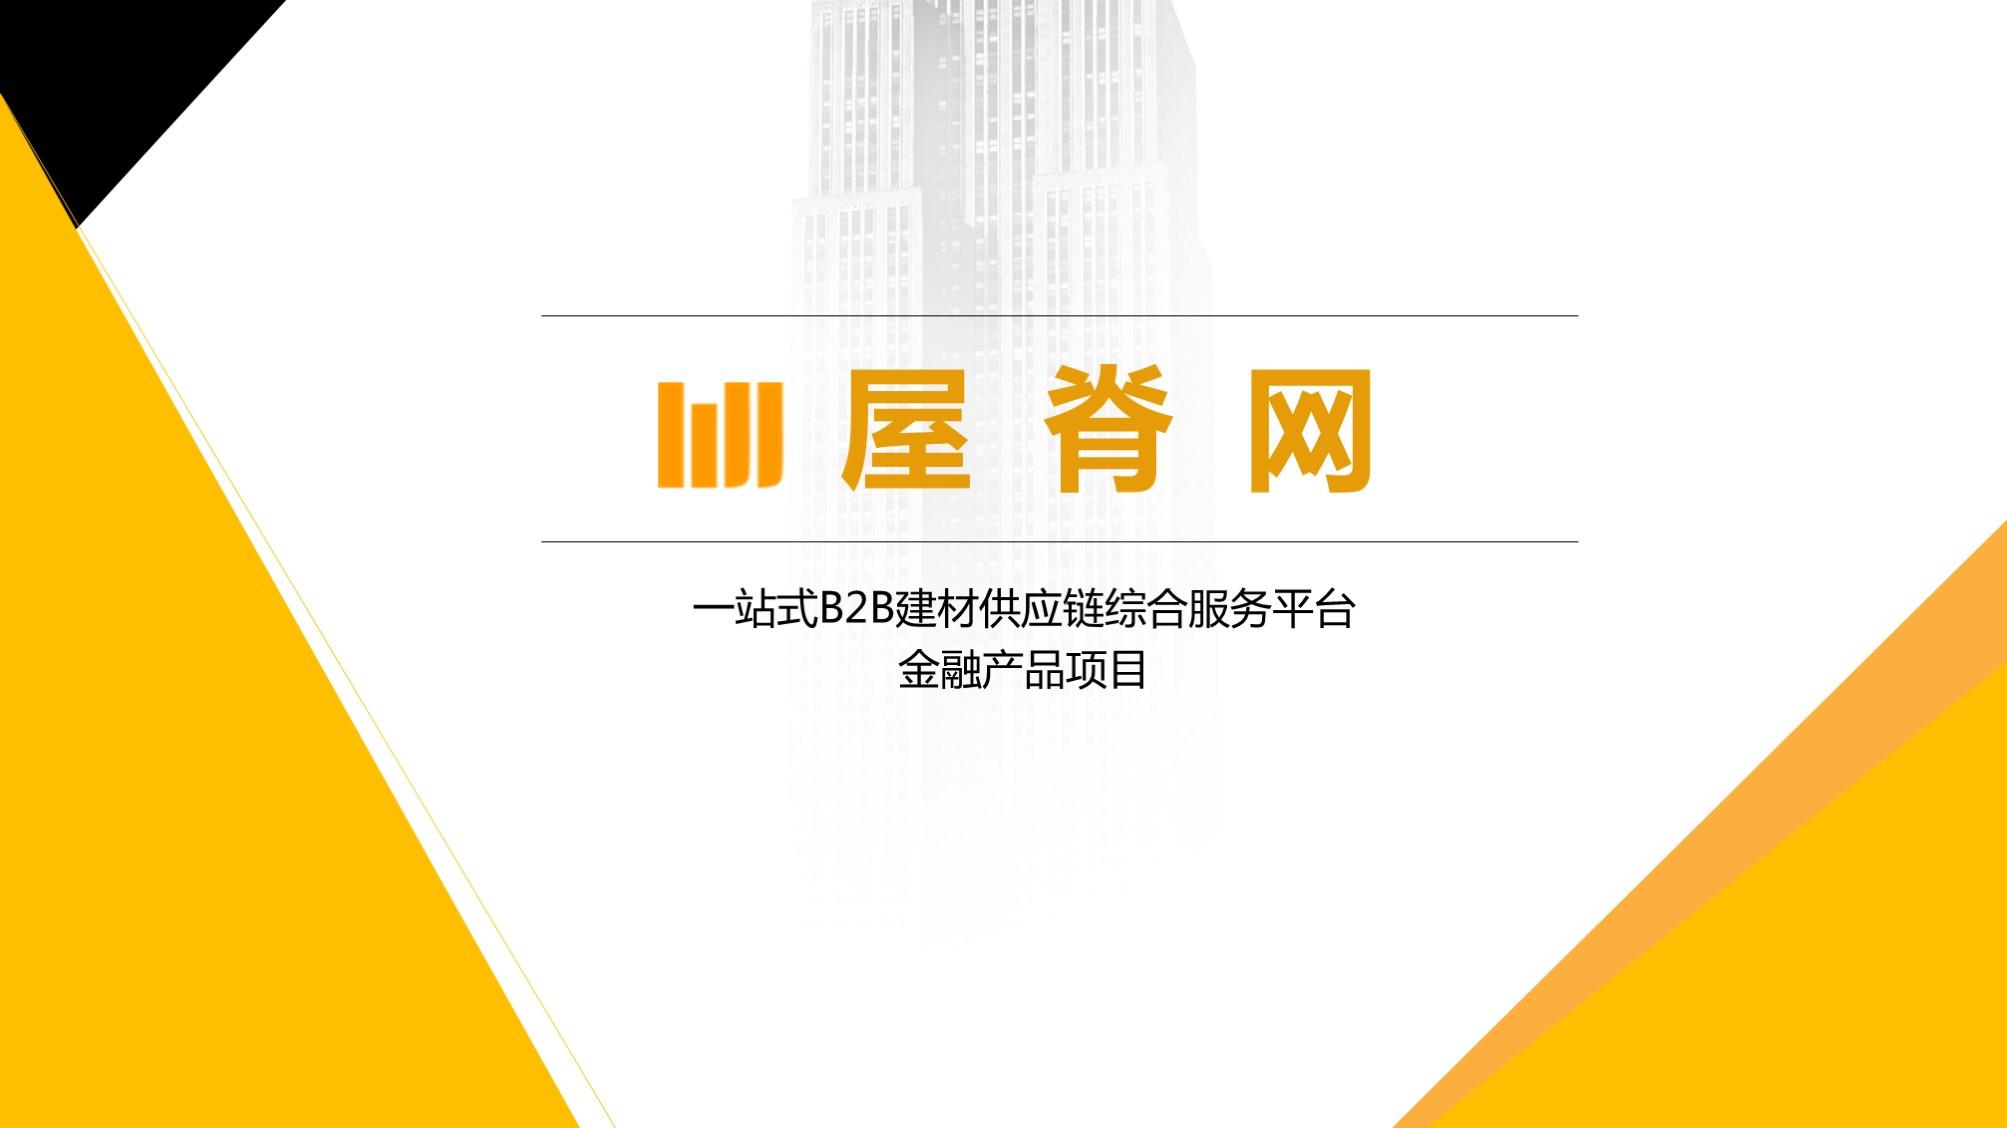 杉林创投【商业计划书】创业融资路演PPT招商计划书策划代写作